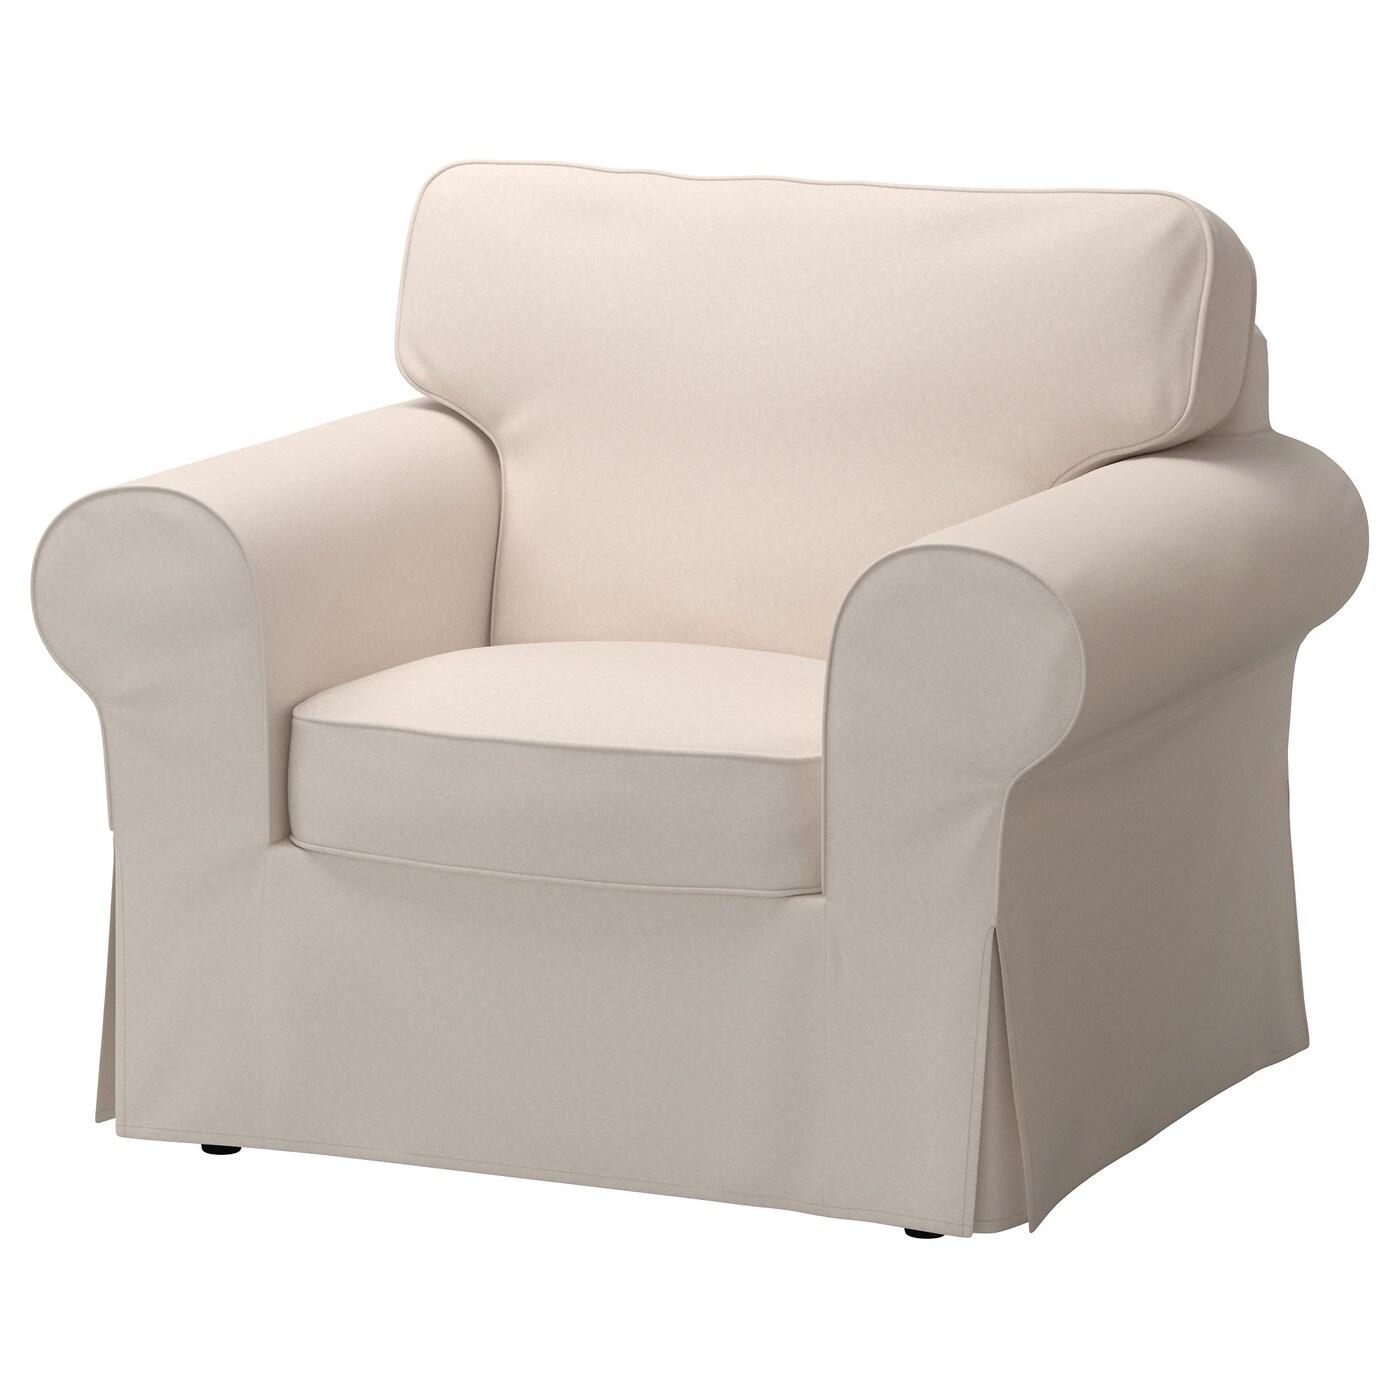 Comment Faire Une Housse De Fauteuil ektorp housse de fauteuil - lofallet beige